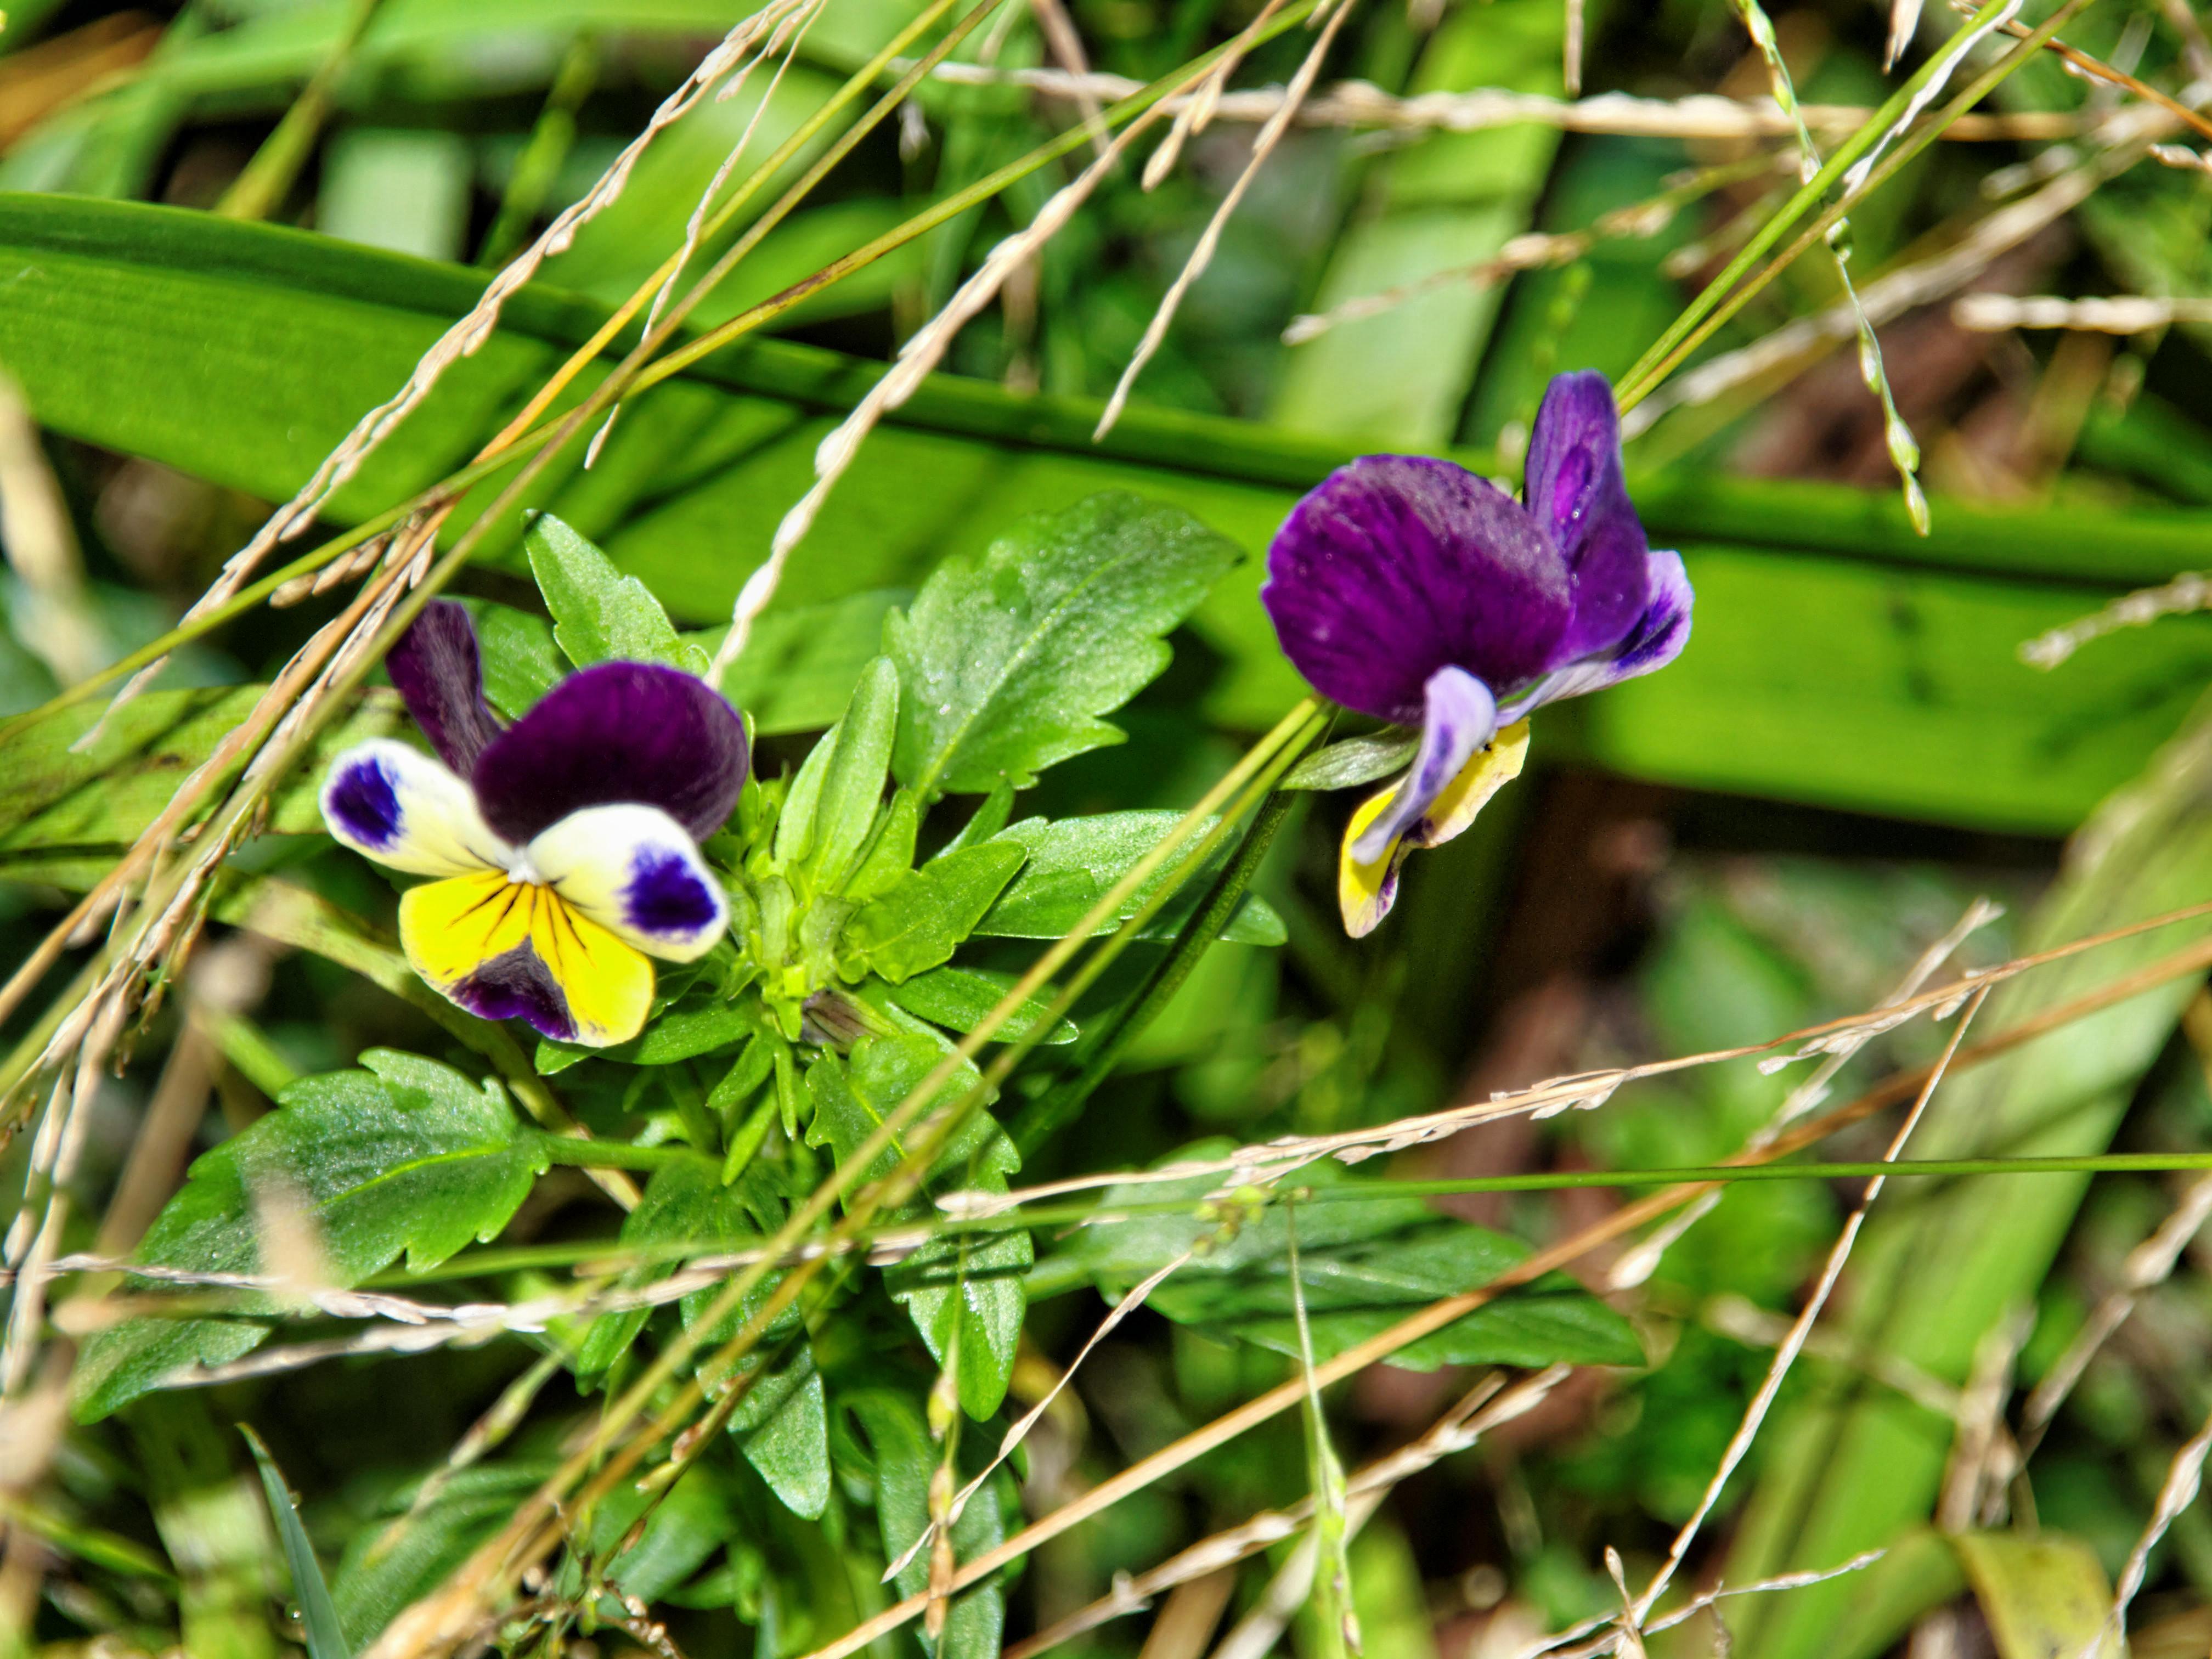 Violets-4.jpeg